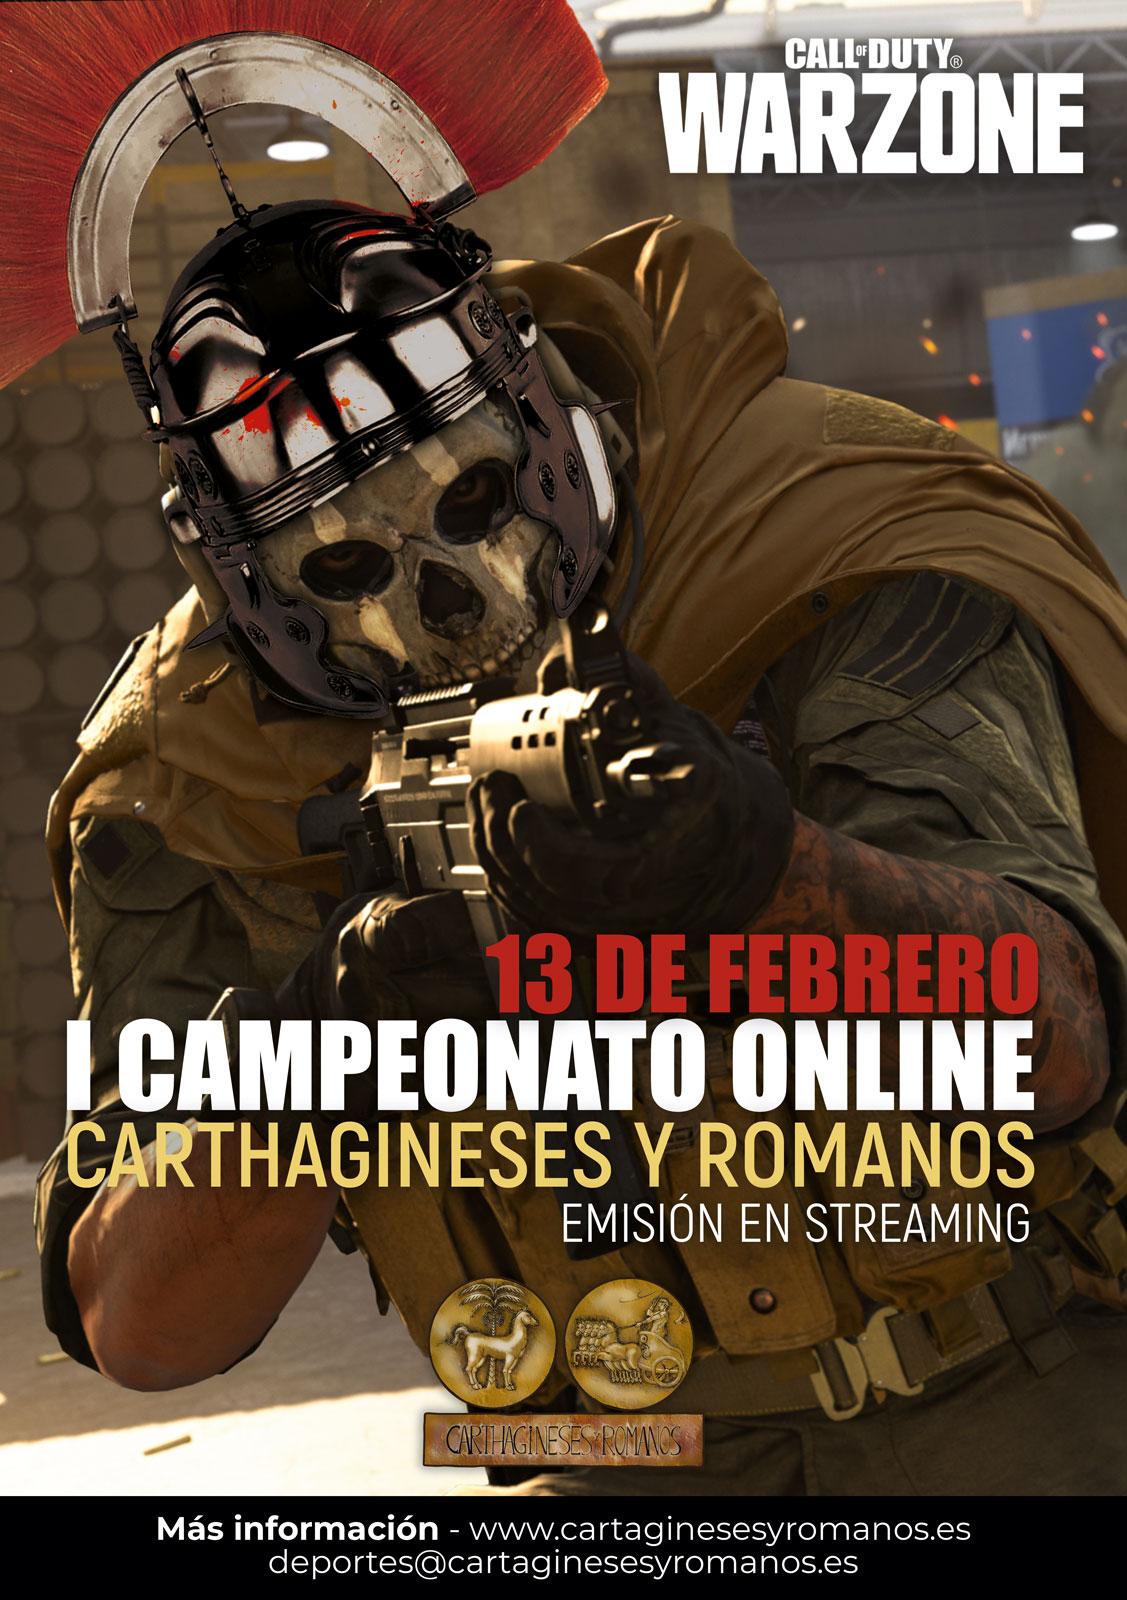 I Campeonato de Juegos Online Carthagineses y Romanos - Call of Duty WARZONE